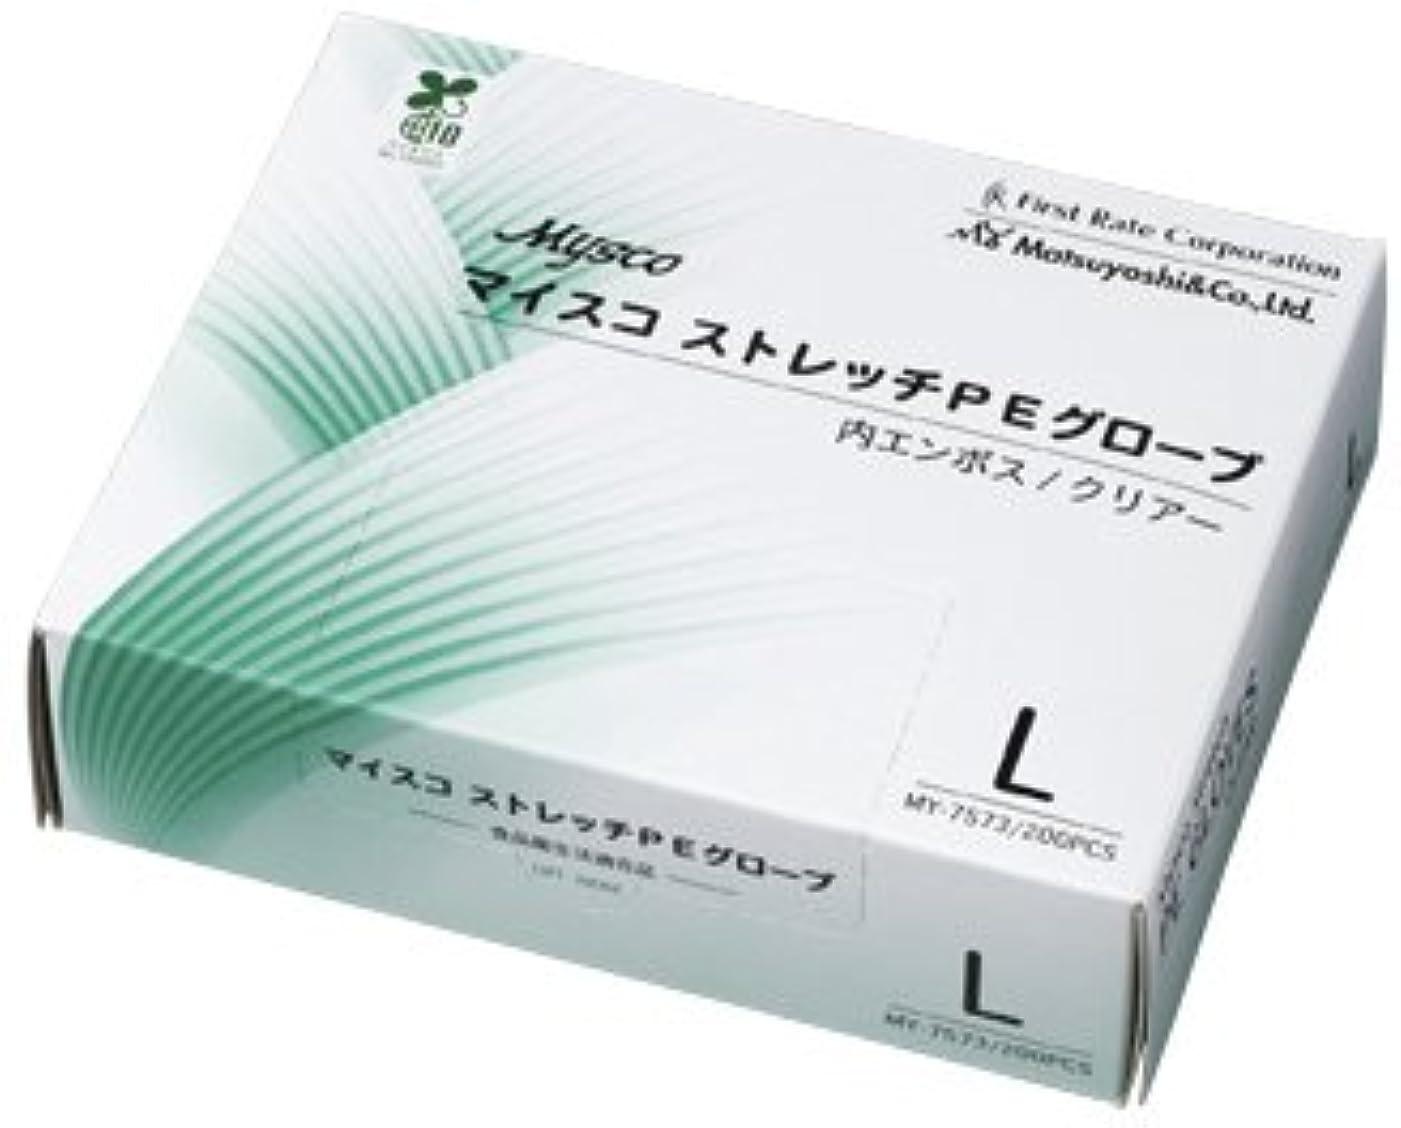 精神医学奴隷賞マイスコストレッチPEグローブ MY-7573(L)200???? ?????????PE??????(24-5750-02)[1箱単位]